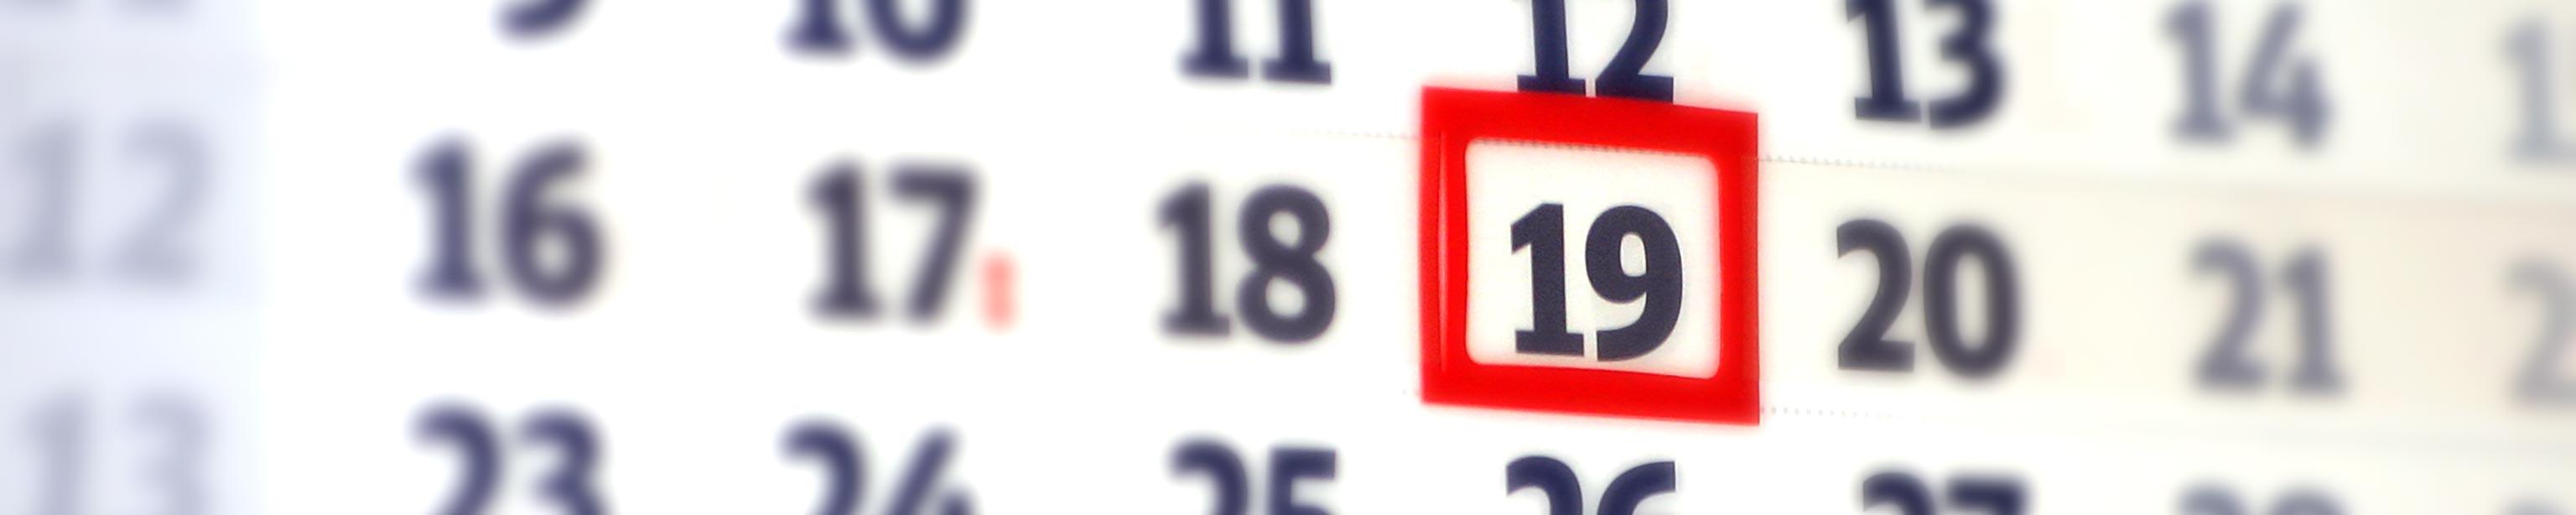 Kalender mit Tagesmarkierung